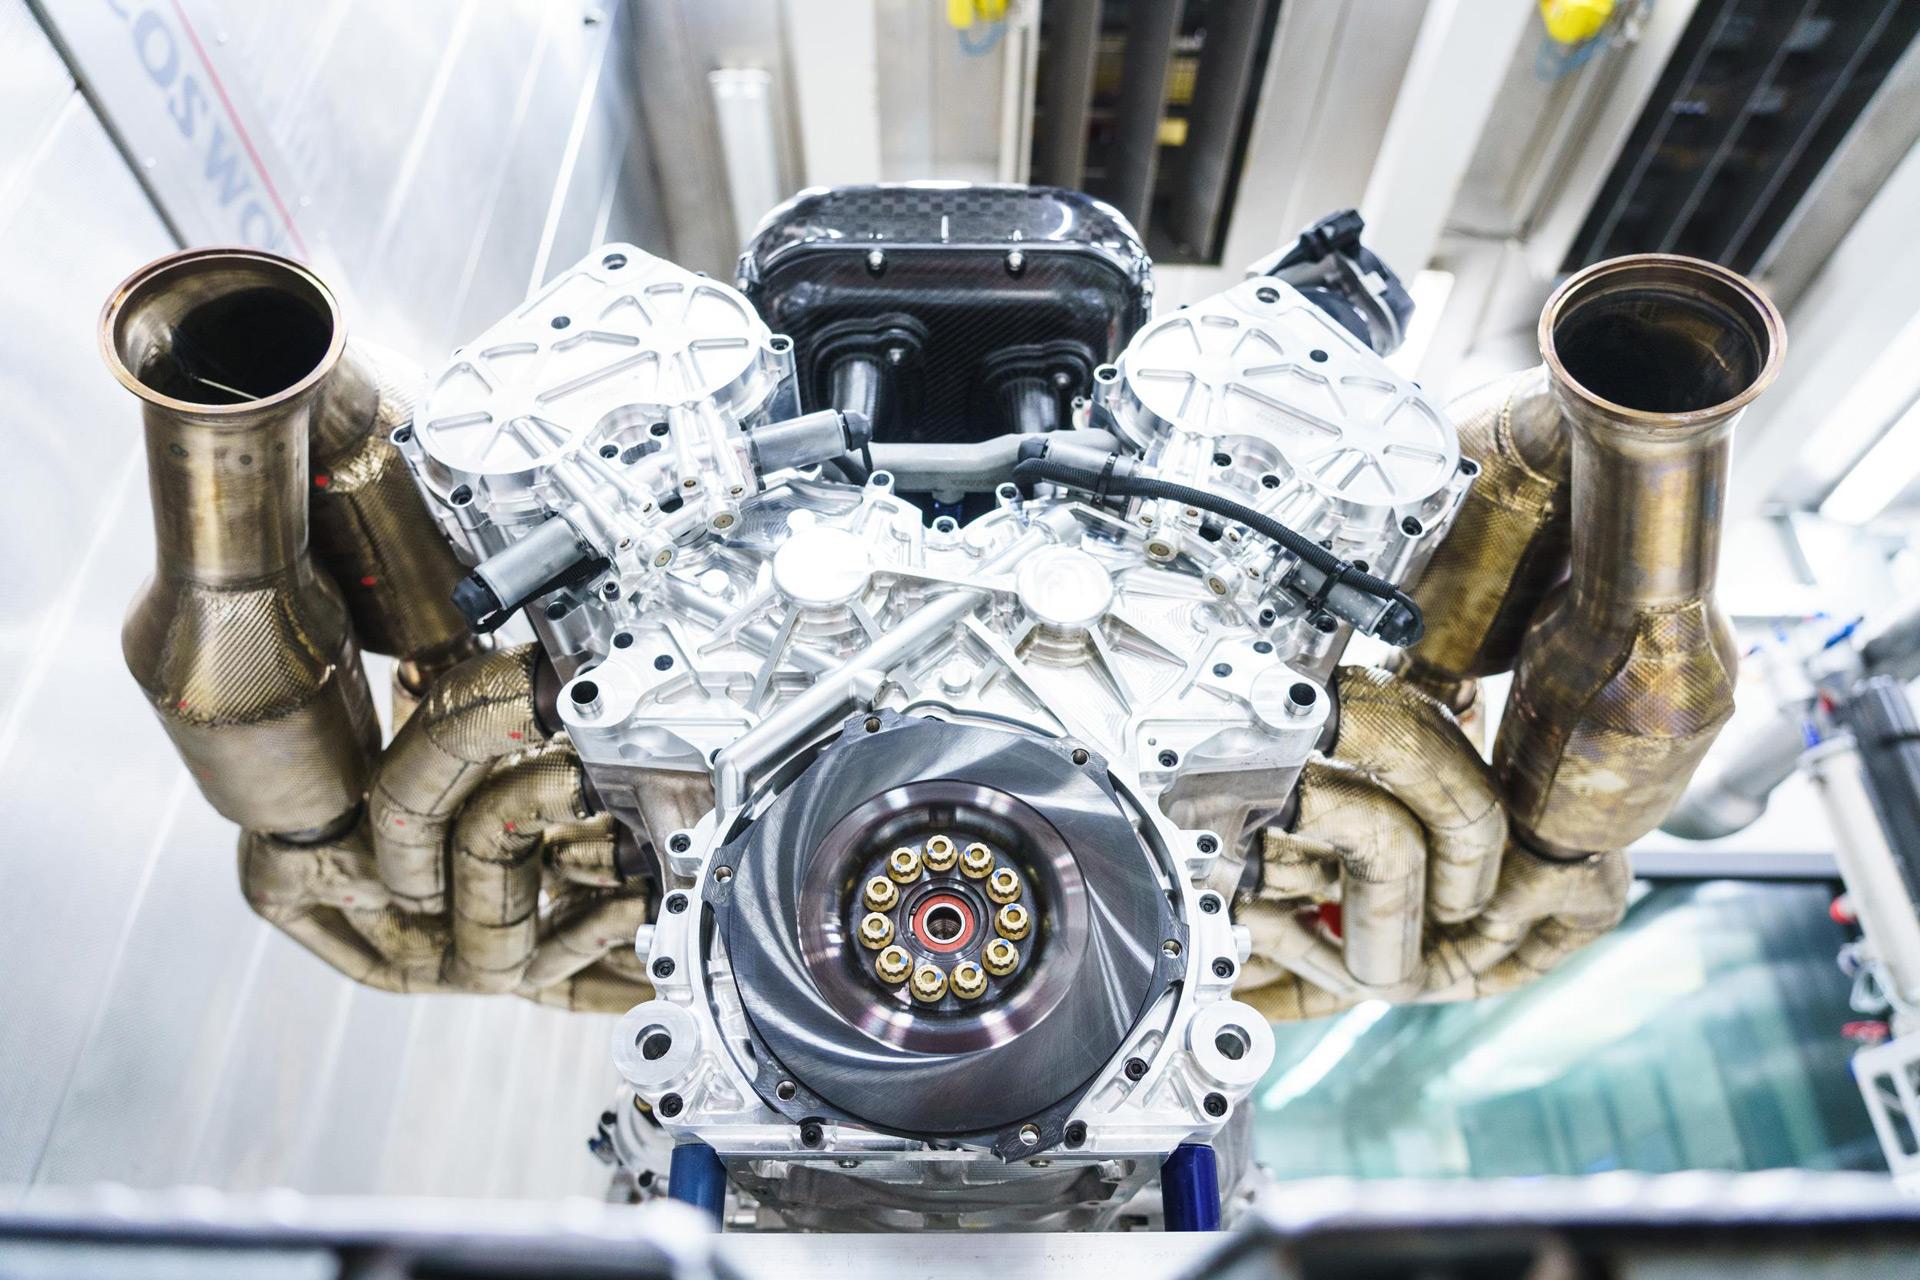 2019 Bmw 3 Series 2020 Toyota Supra Aston Martin Valkyrie V 12